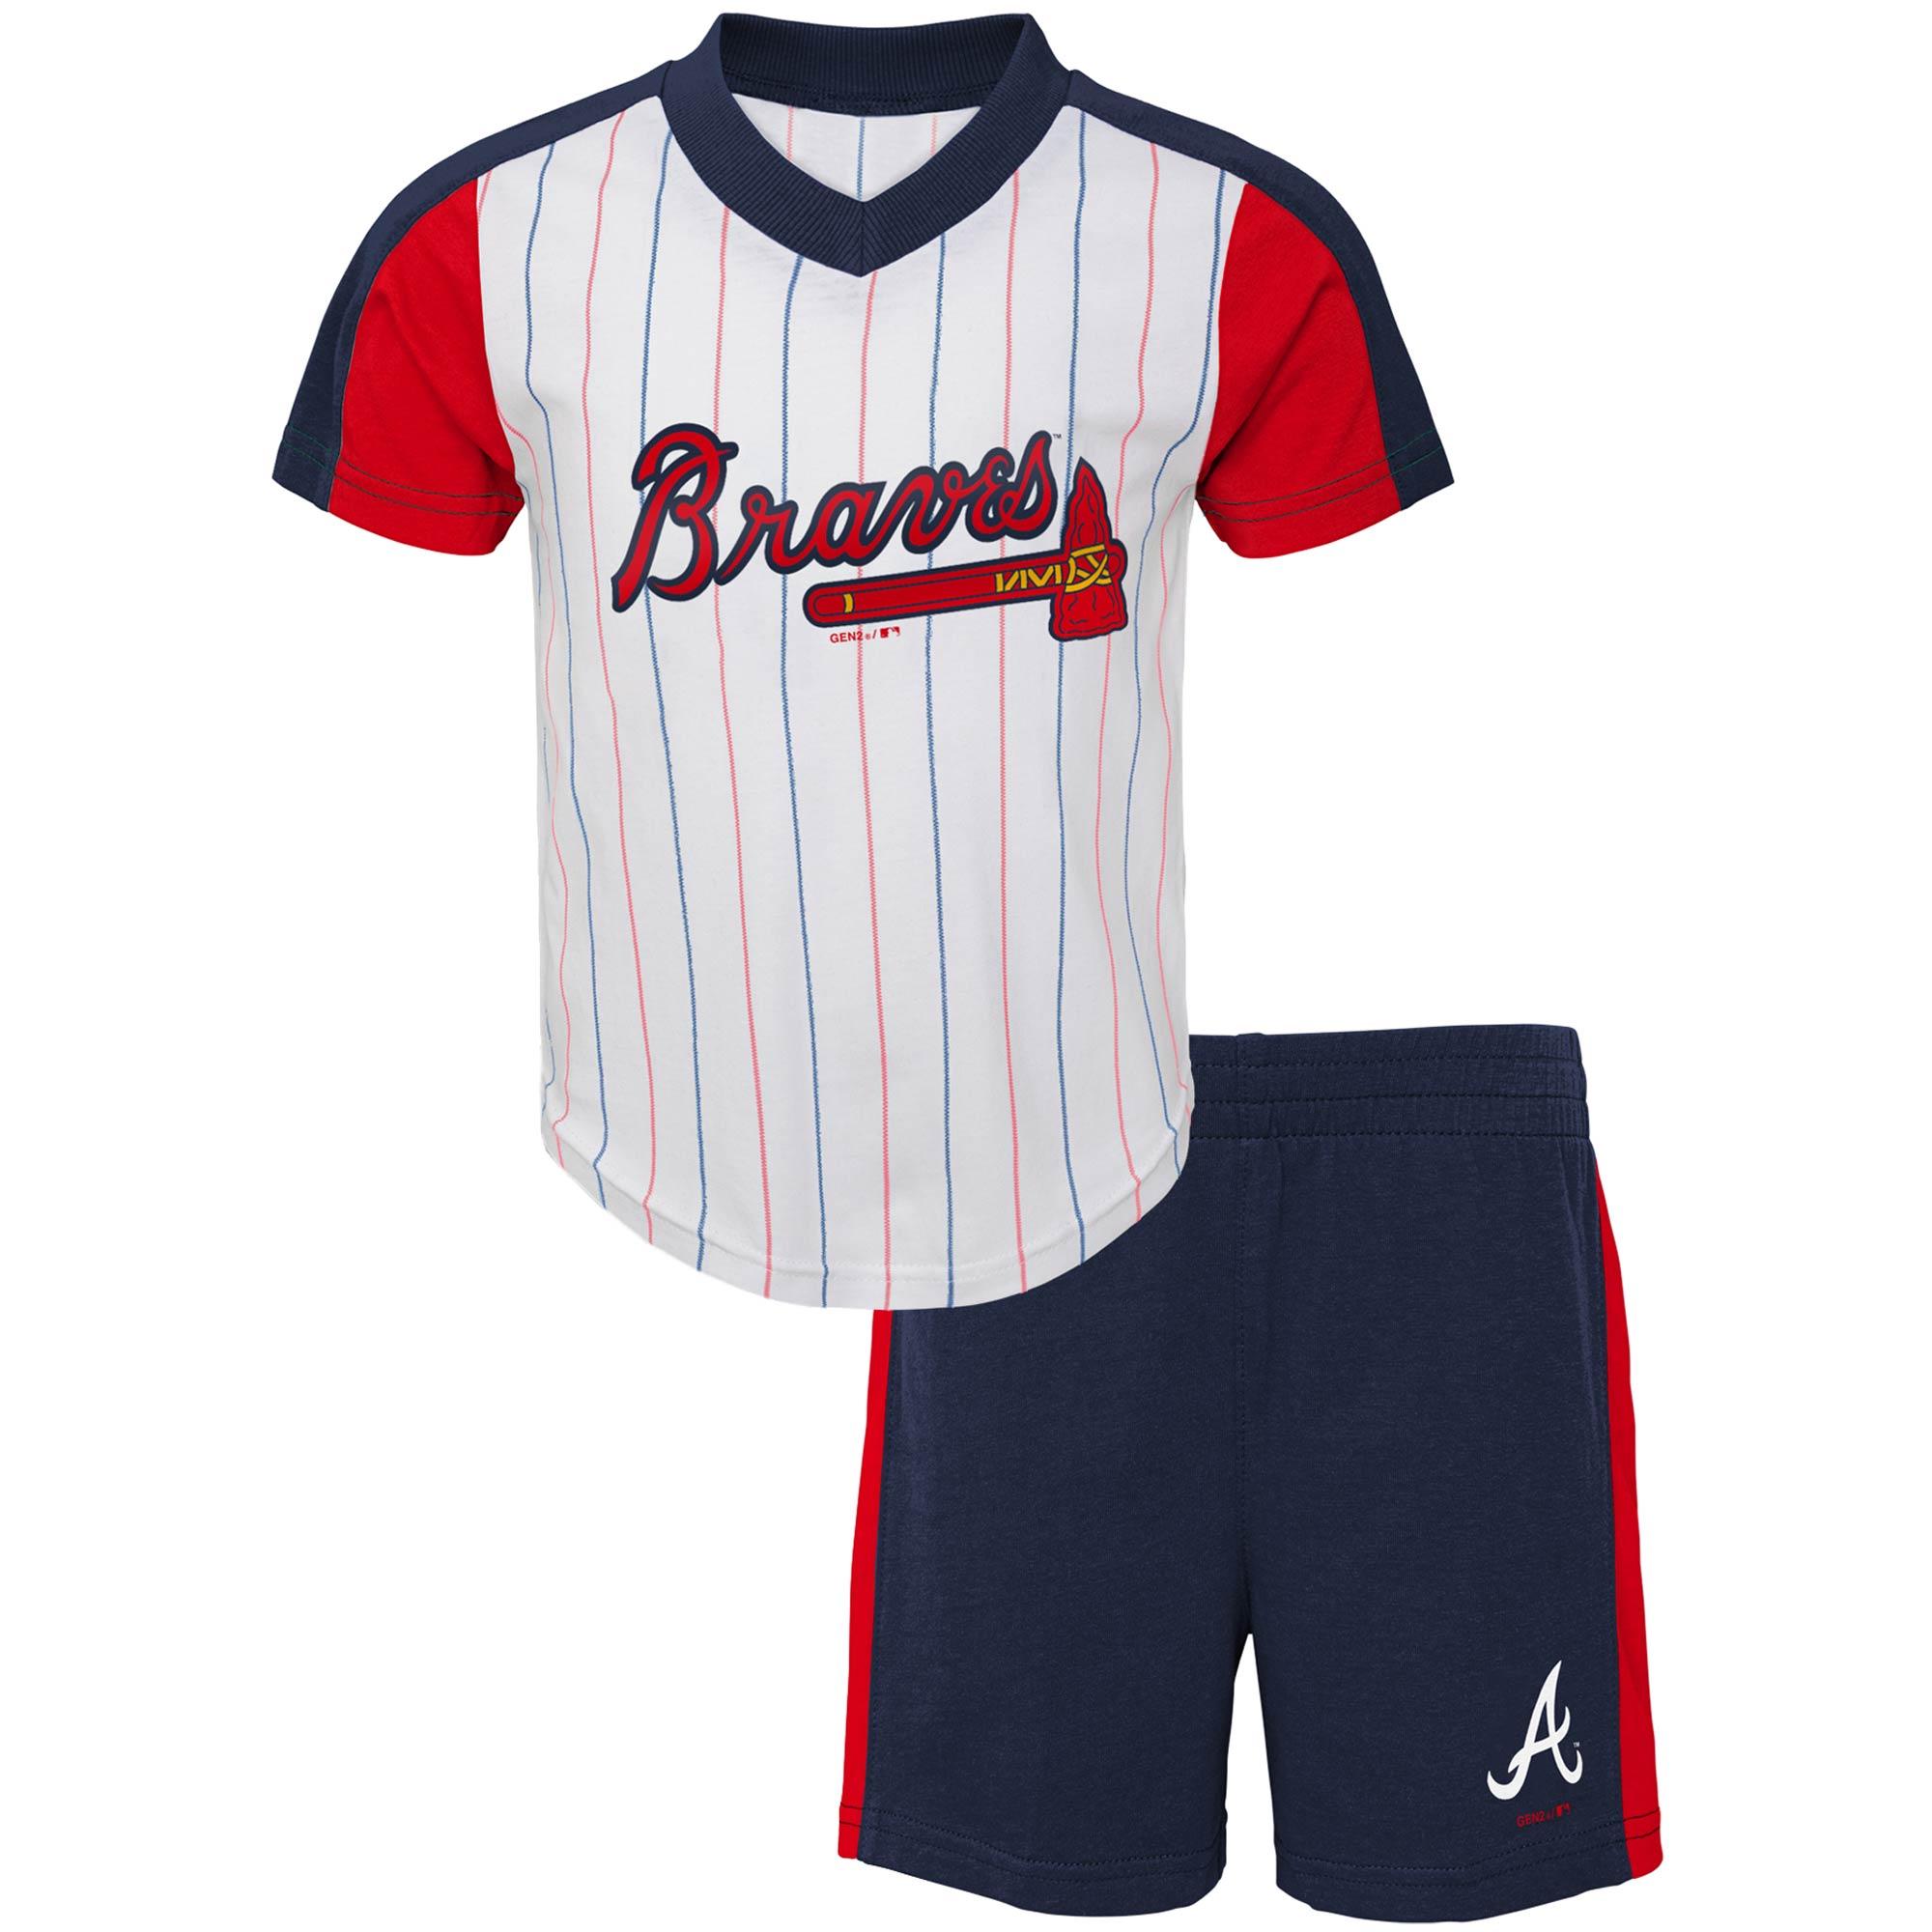 Atlanta Braves Toddler The Lineup V-Neck & Shorts Set - White/Navy